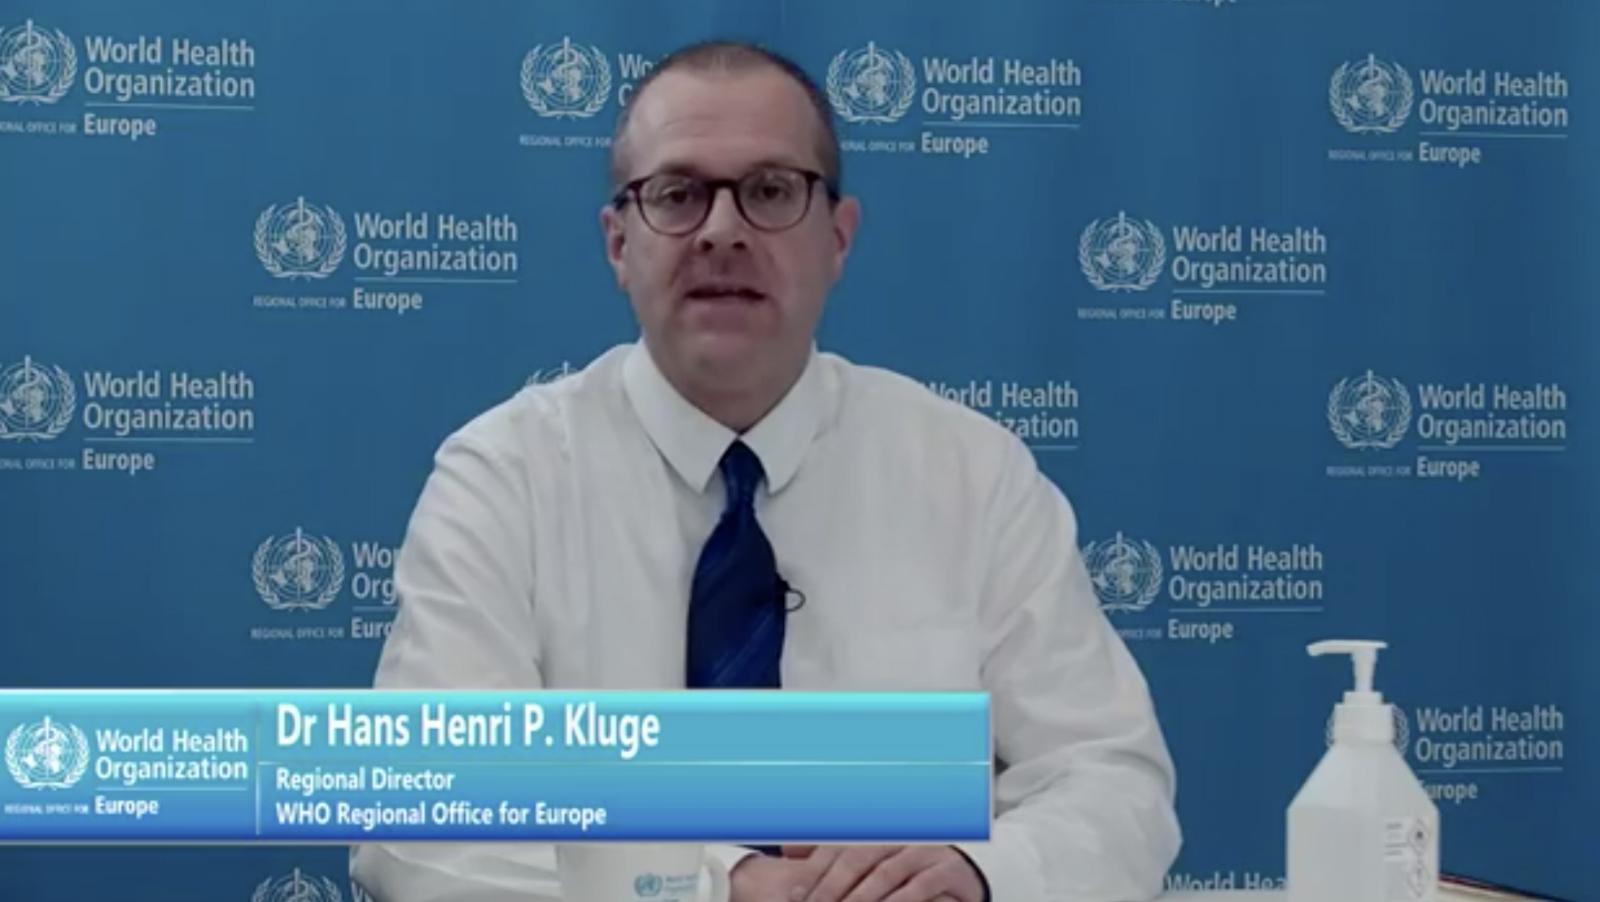 △图为世界卫生组织欧洲区域负责人汉斯·克鲁格